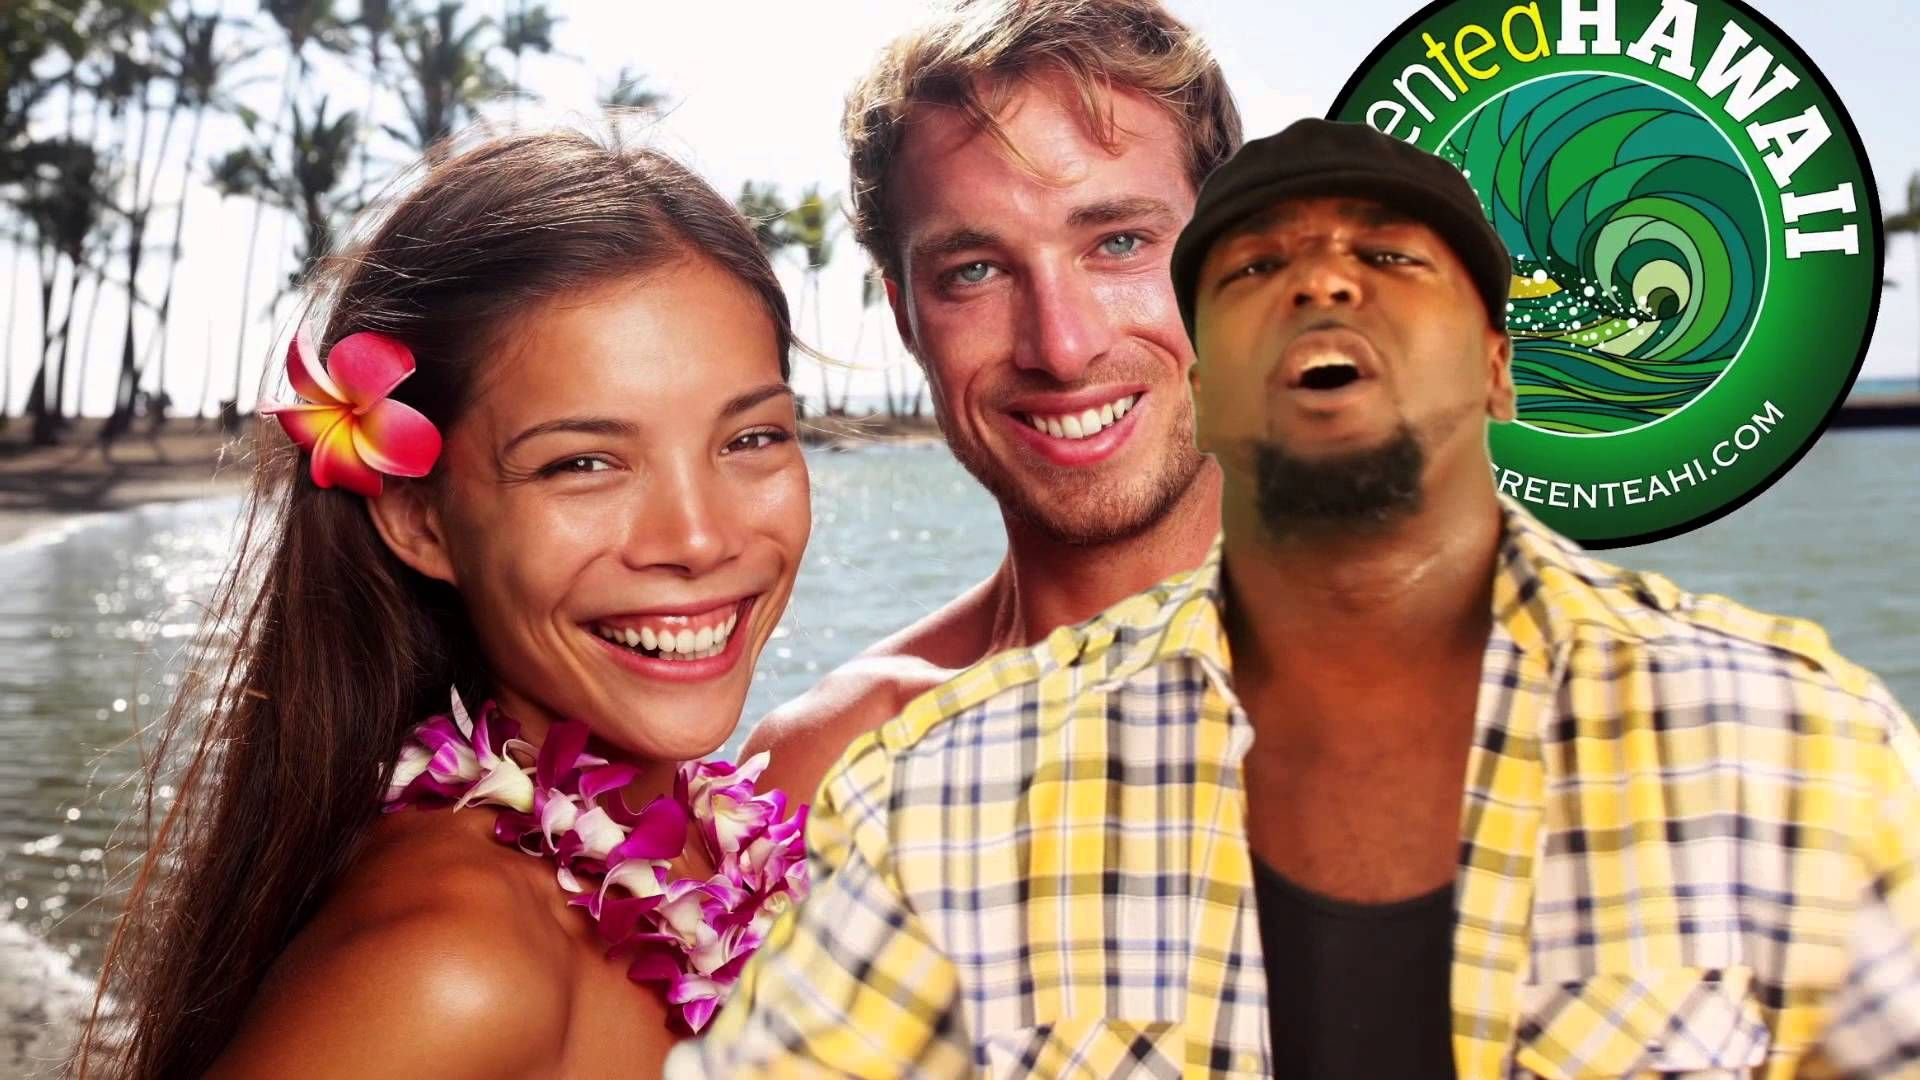 Green tea hawaii rap song rap songs green tea hawaii rap